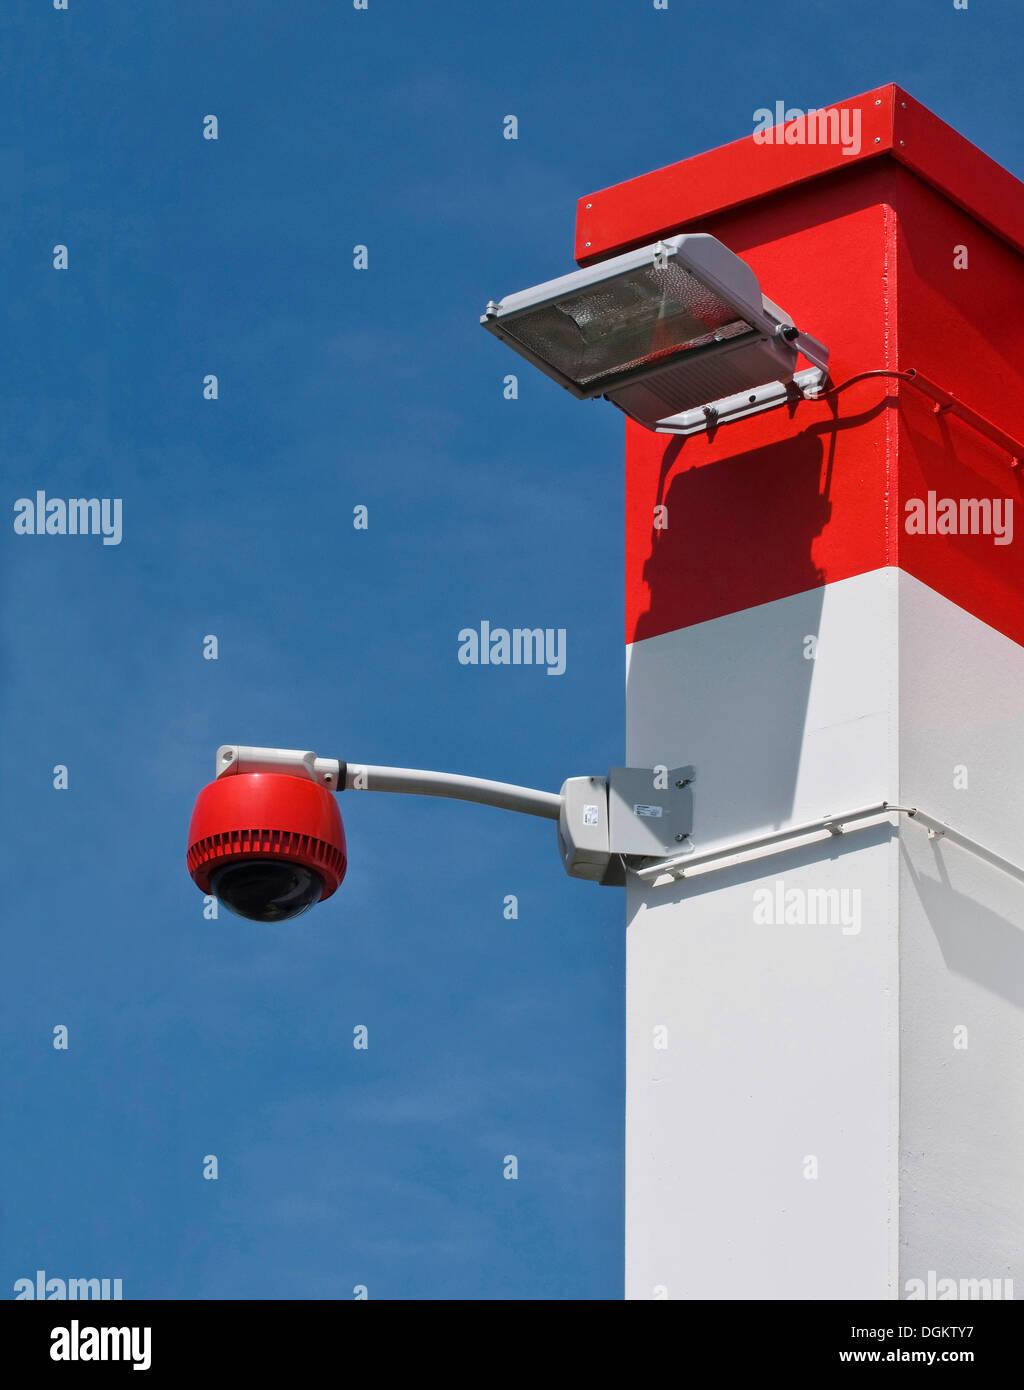 360-grado fotocamera sul muro contro il cielo blu, monitoraggio, protezione, PublicGround Immagini Stock